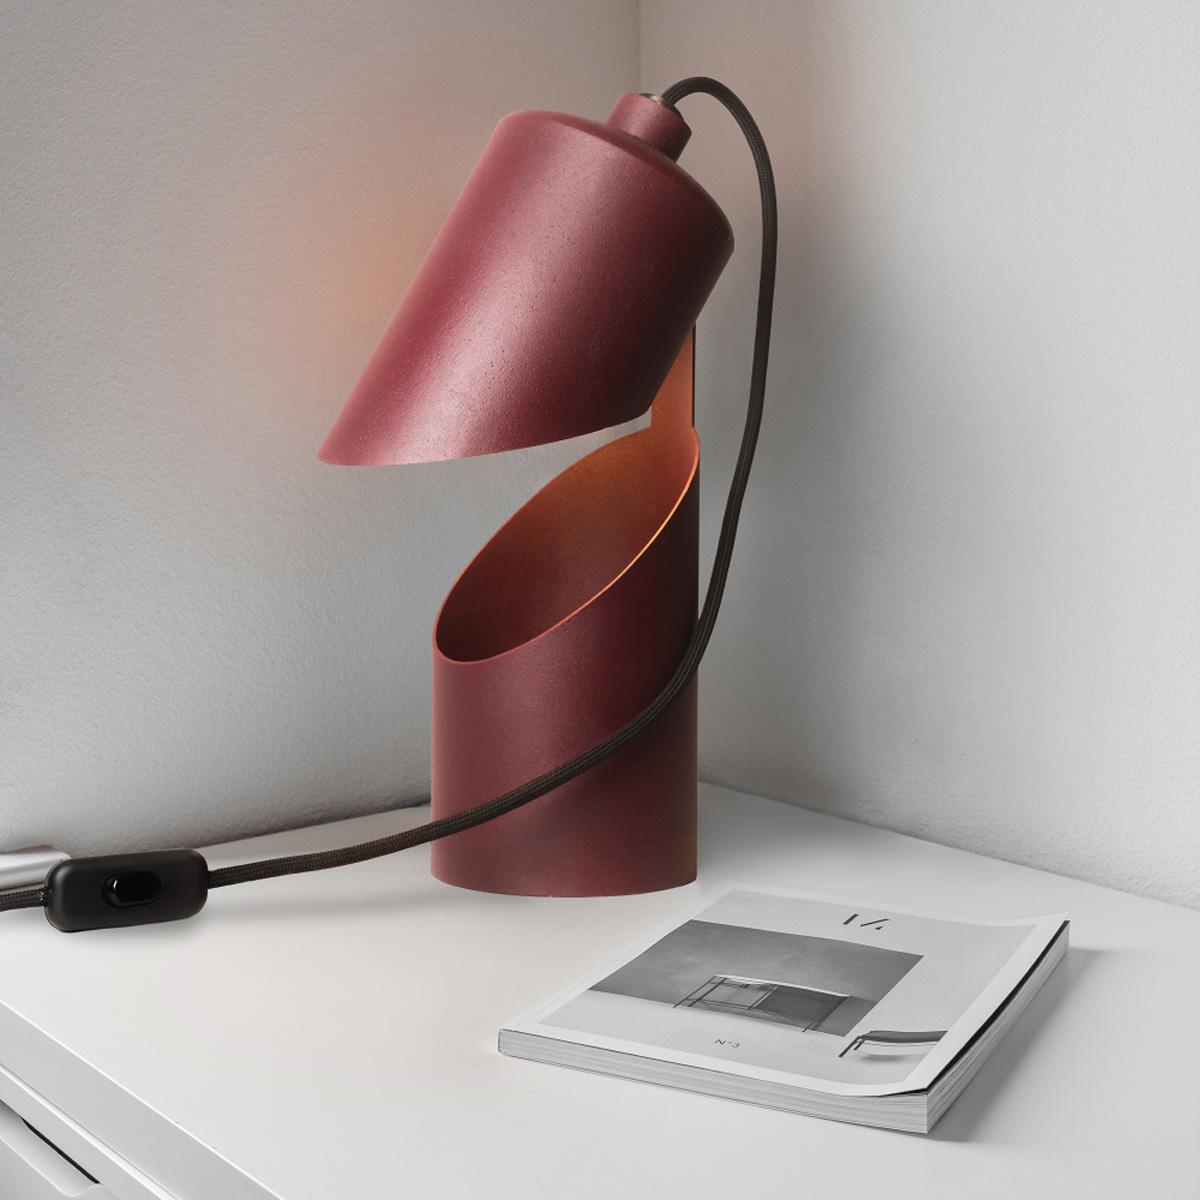 Lampičky vyrobené z vyřazených hasících přístrojů. Cílem bylo využít staré hasičáky, které je obtížné recyklovat. Jejich prořezáním a vyklopením vznikla minimalistická lampa ve třech barevných provedeních